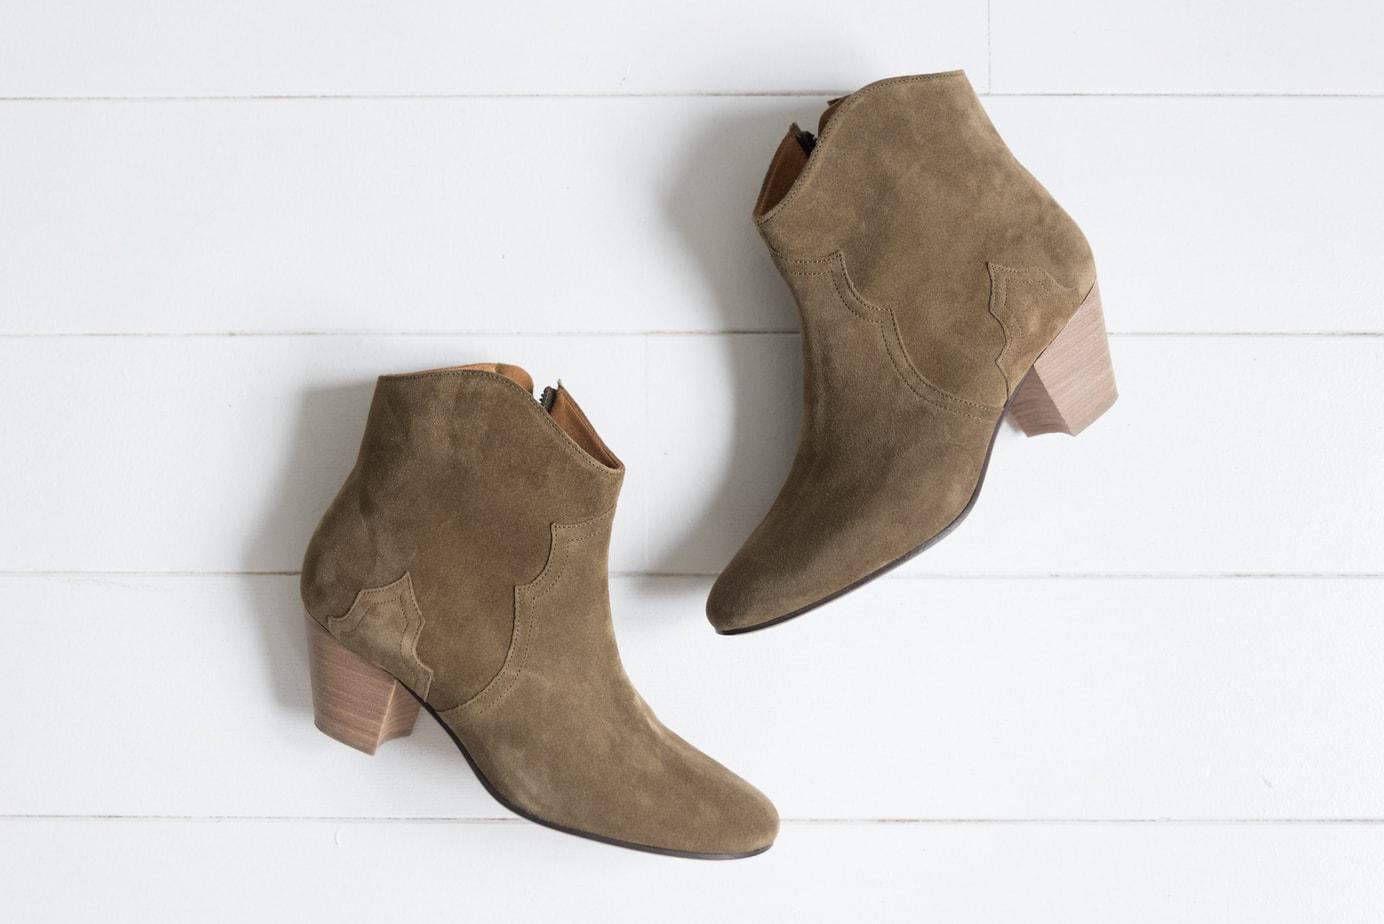 Les boots Dickers d'Isabel Marant : où trouver des modèles